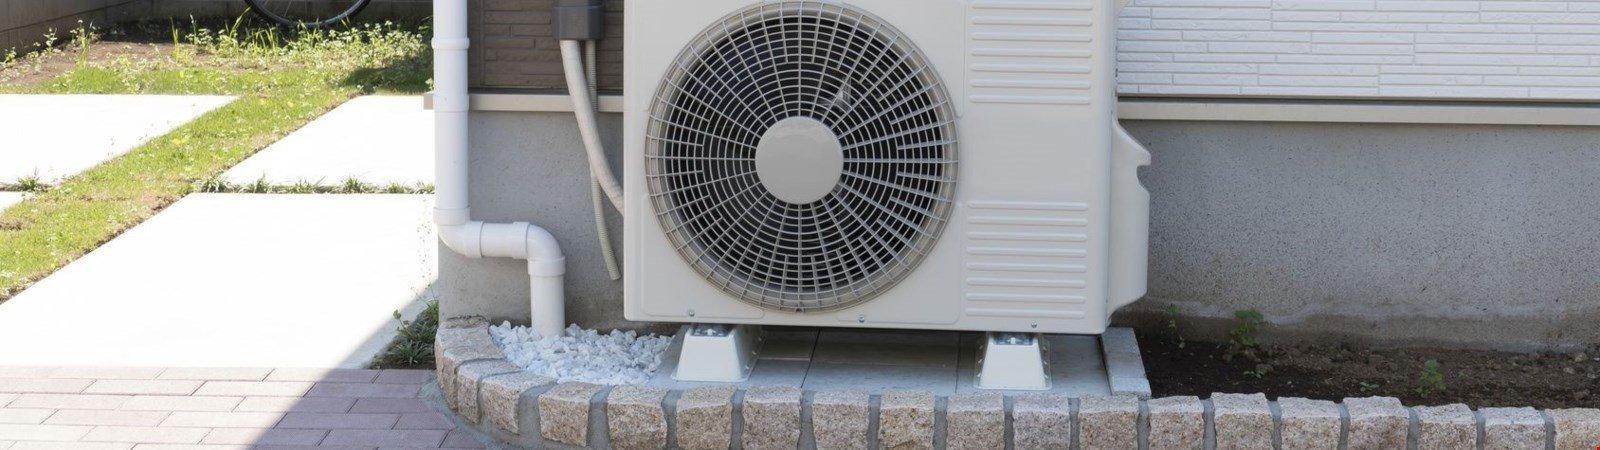 Klimageräte: Wohnkomfort mit Luftkonditionierern und Invertern